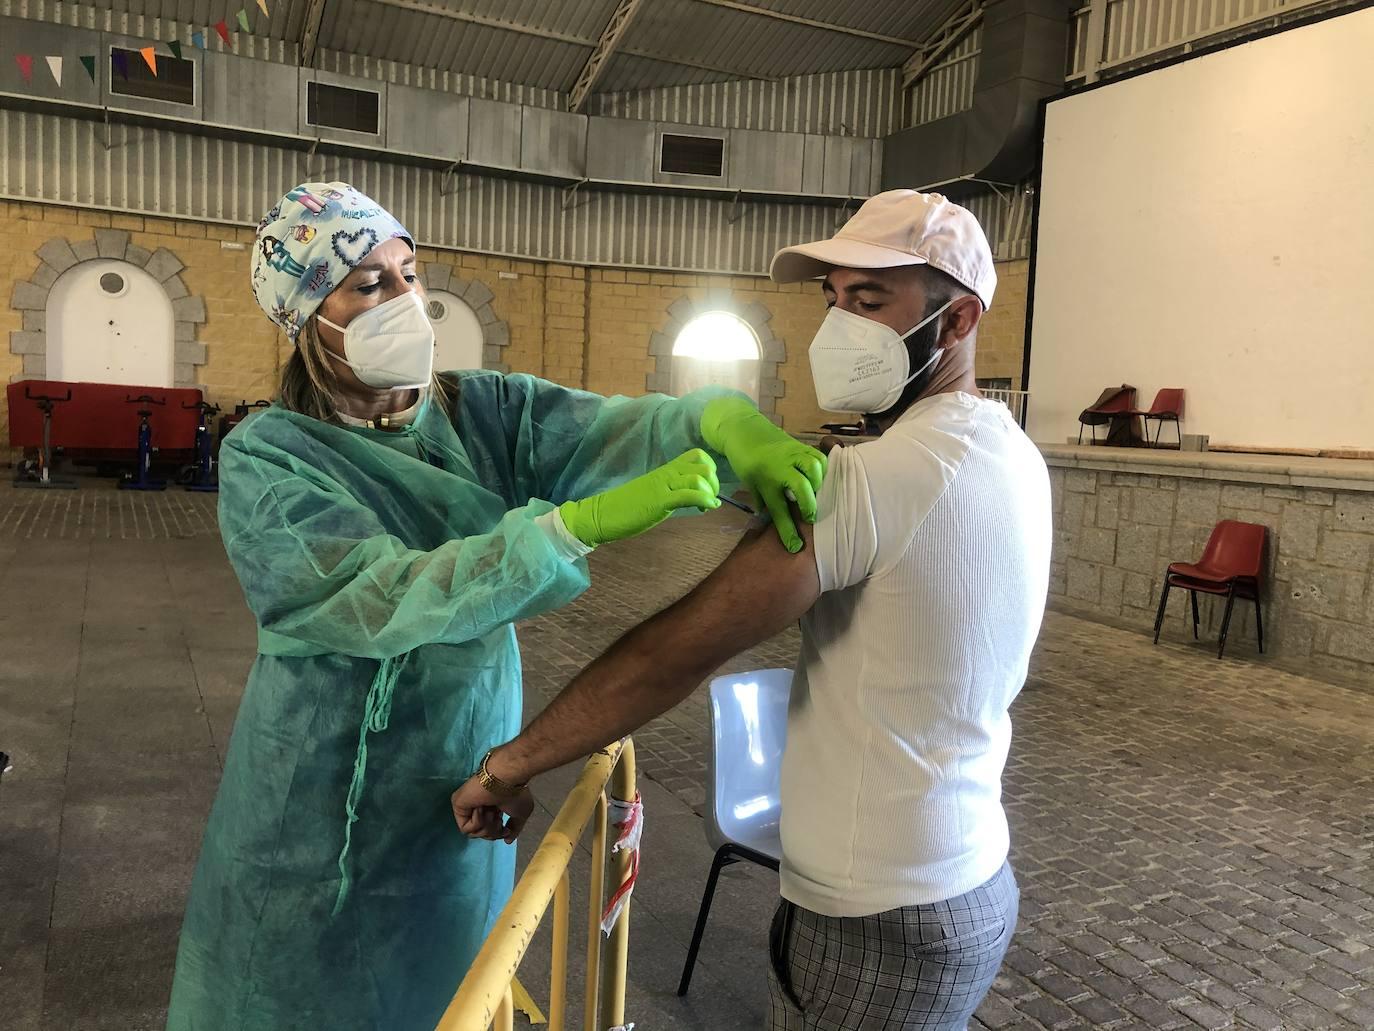 Los más jóvenes de Quintana podrán vacunarse gracias al nuevo sistema autocita